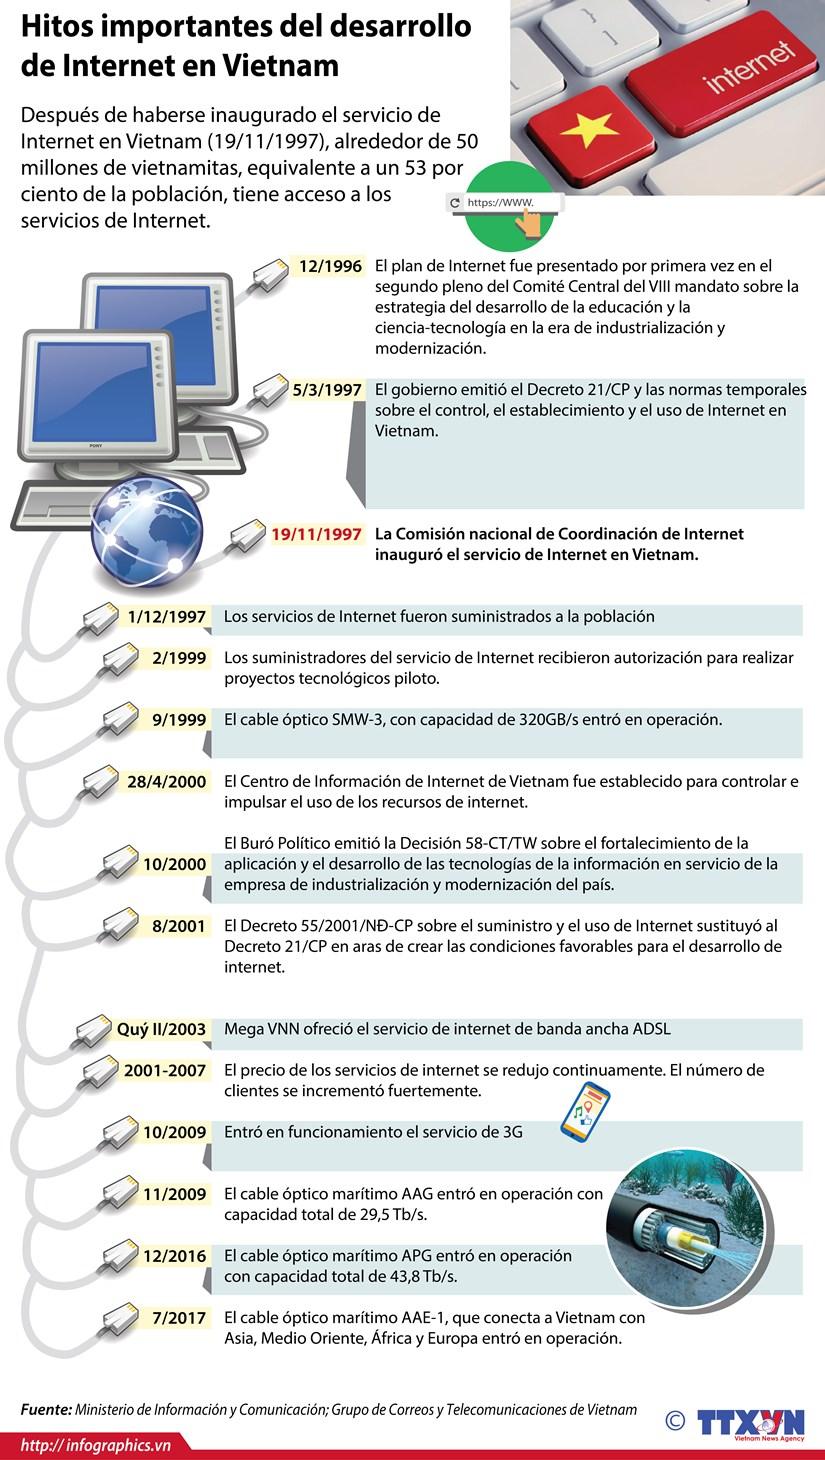 [Infografia] Hitos importantes del desarrollo de Internet en Vietnam hinh anh 1